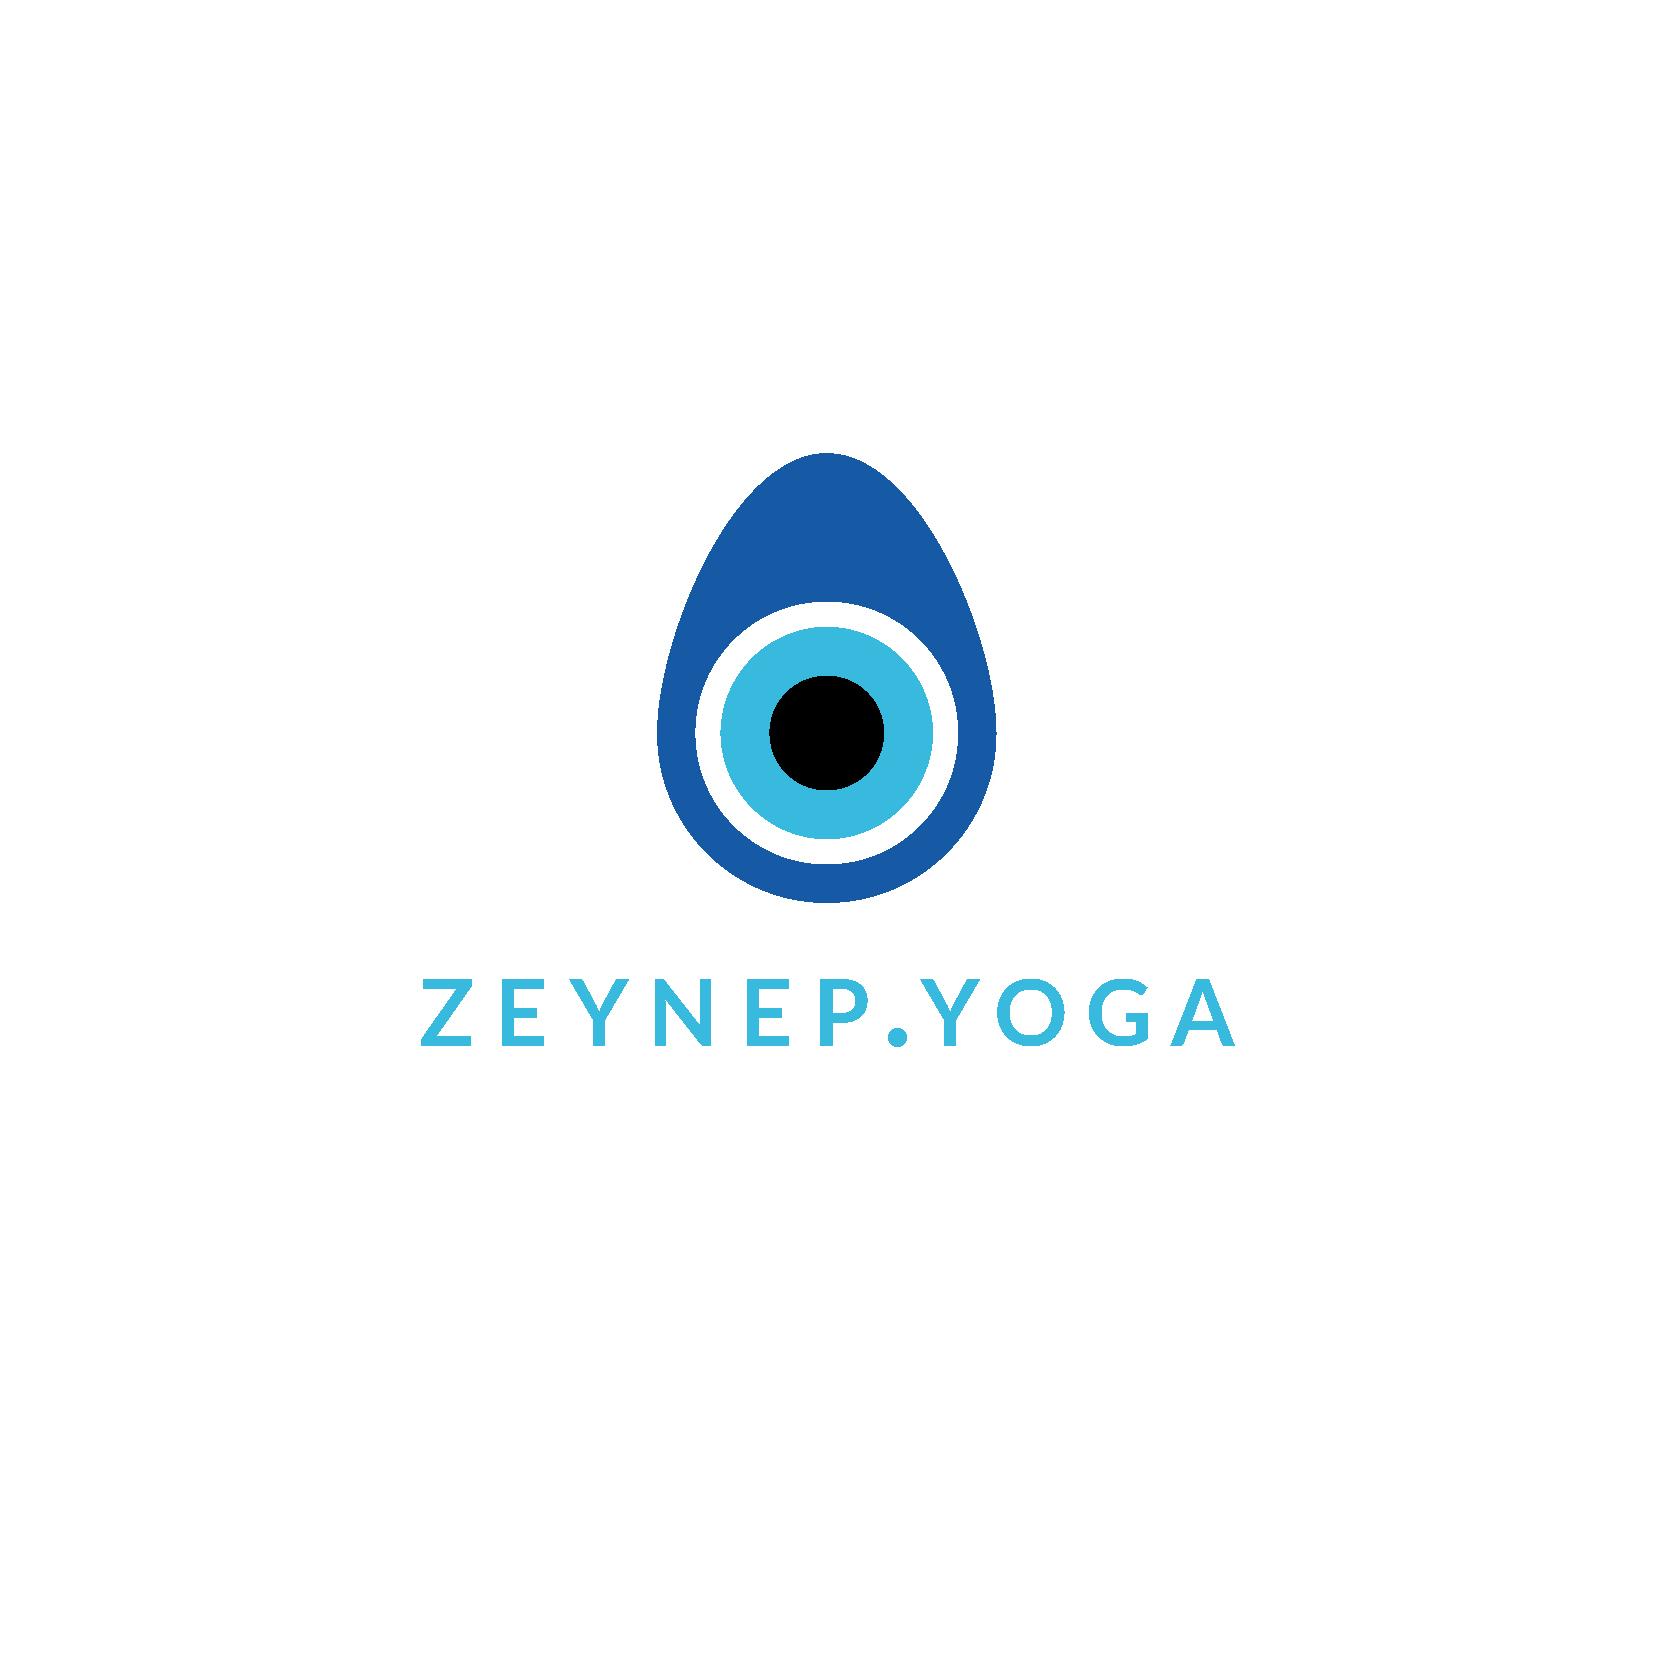 Zeynep.Yoga